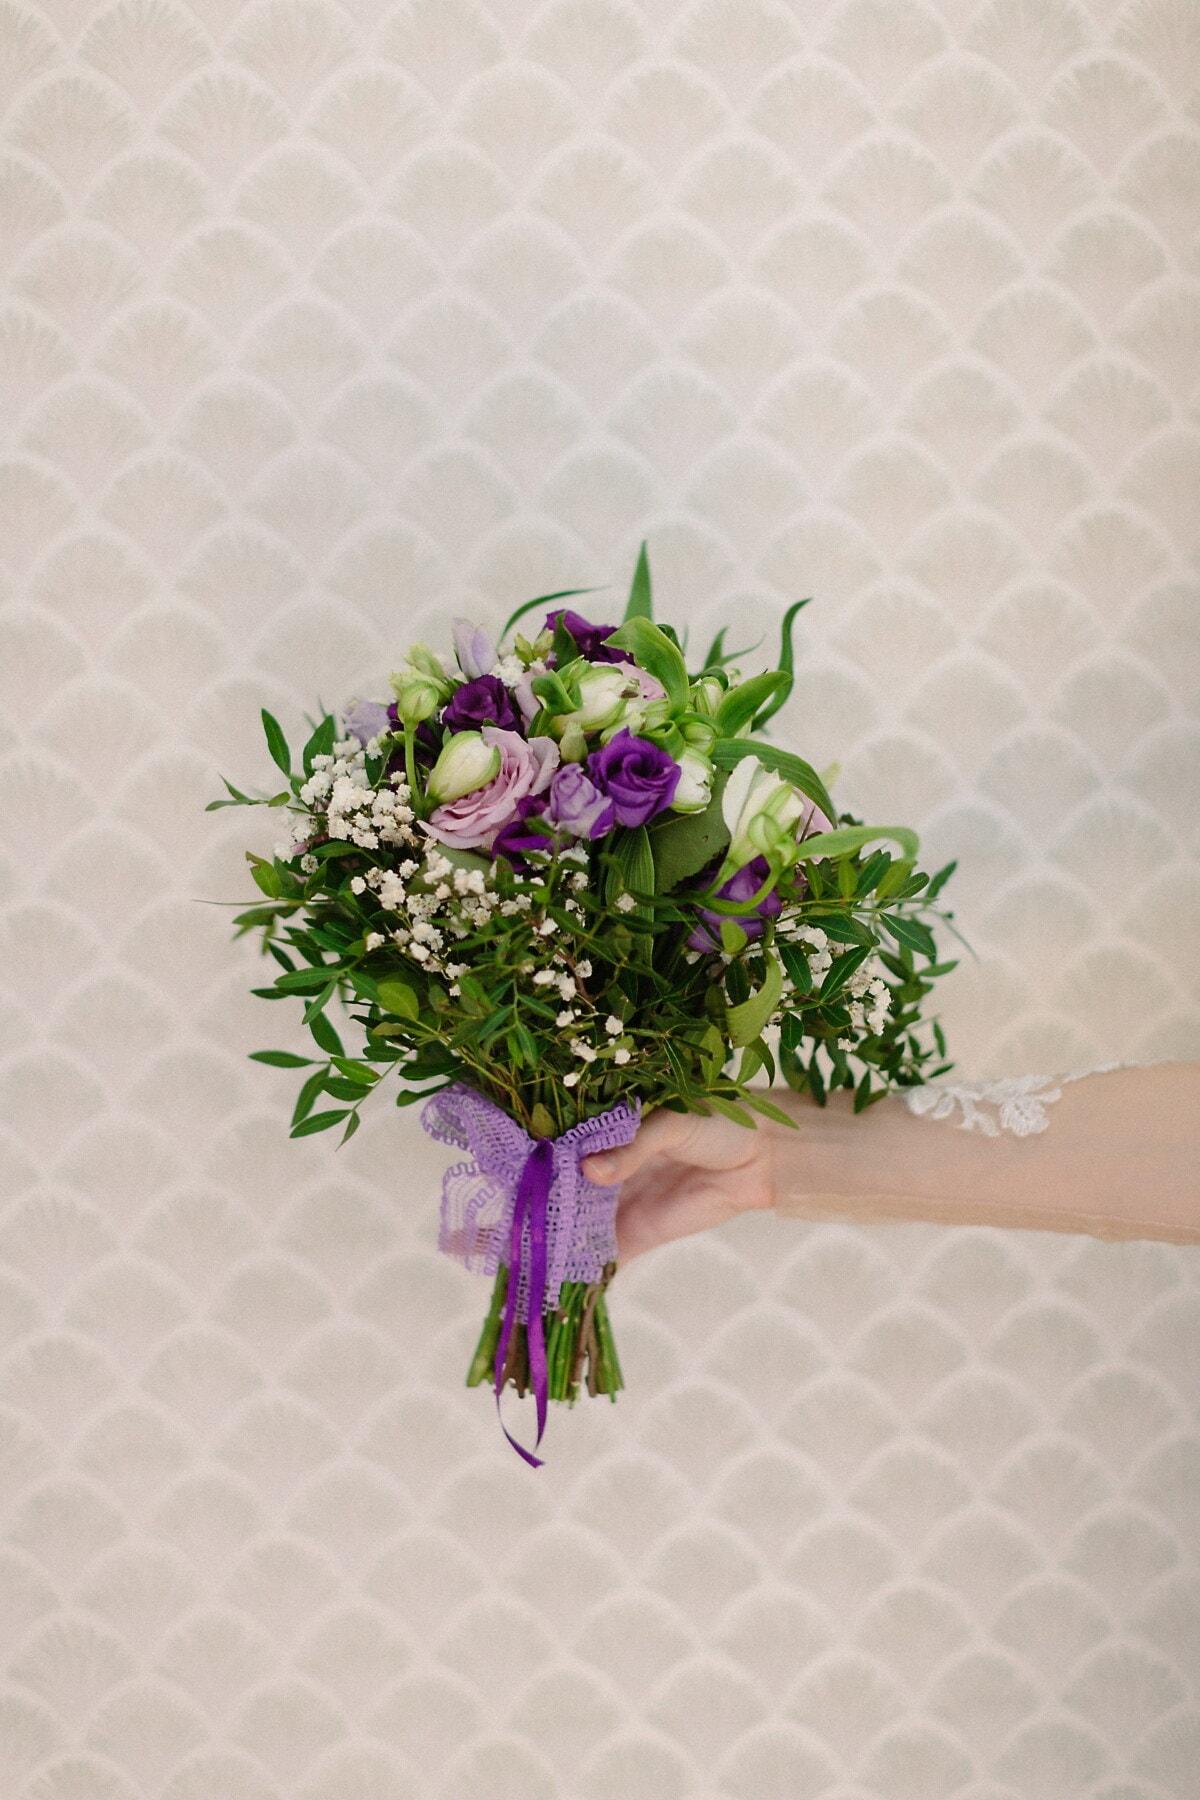 Hochzeitsstrauß, Hand, halten, Blumenstrauß, Blume, Blumen, Blatt, Dekoration, Natur, Cluster